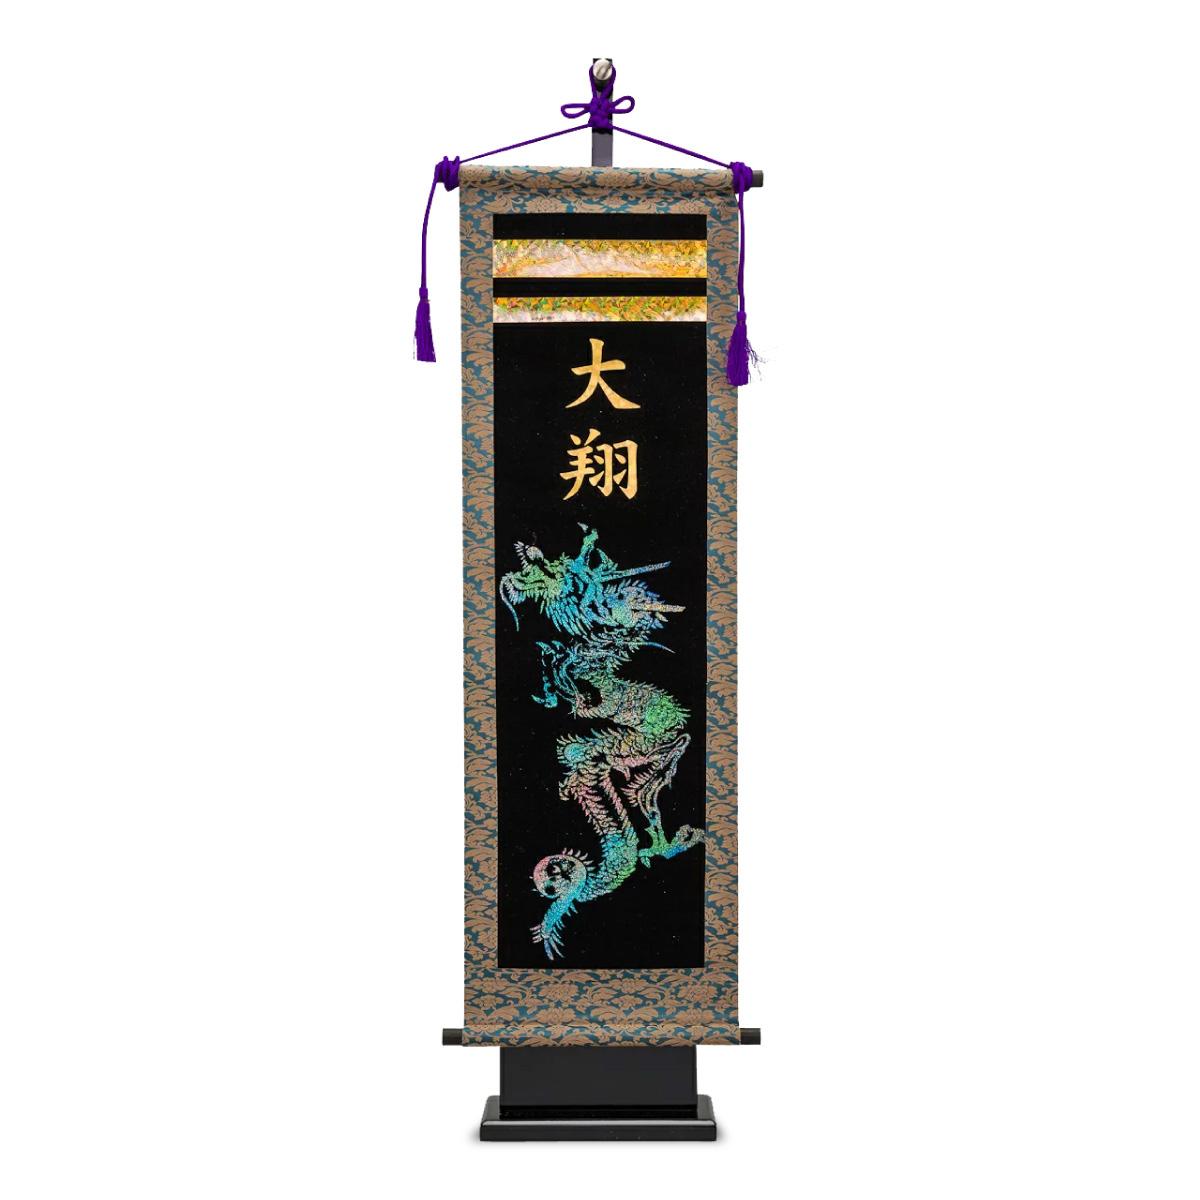 五月人形 【鯉のぼり】【こいのぼり】 名前旗 「ホログラム旗【昇竜・大】」 ●名入れ 掛け軸 鎧兜